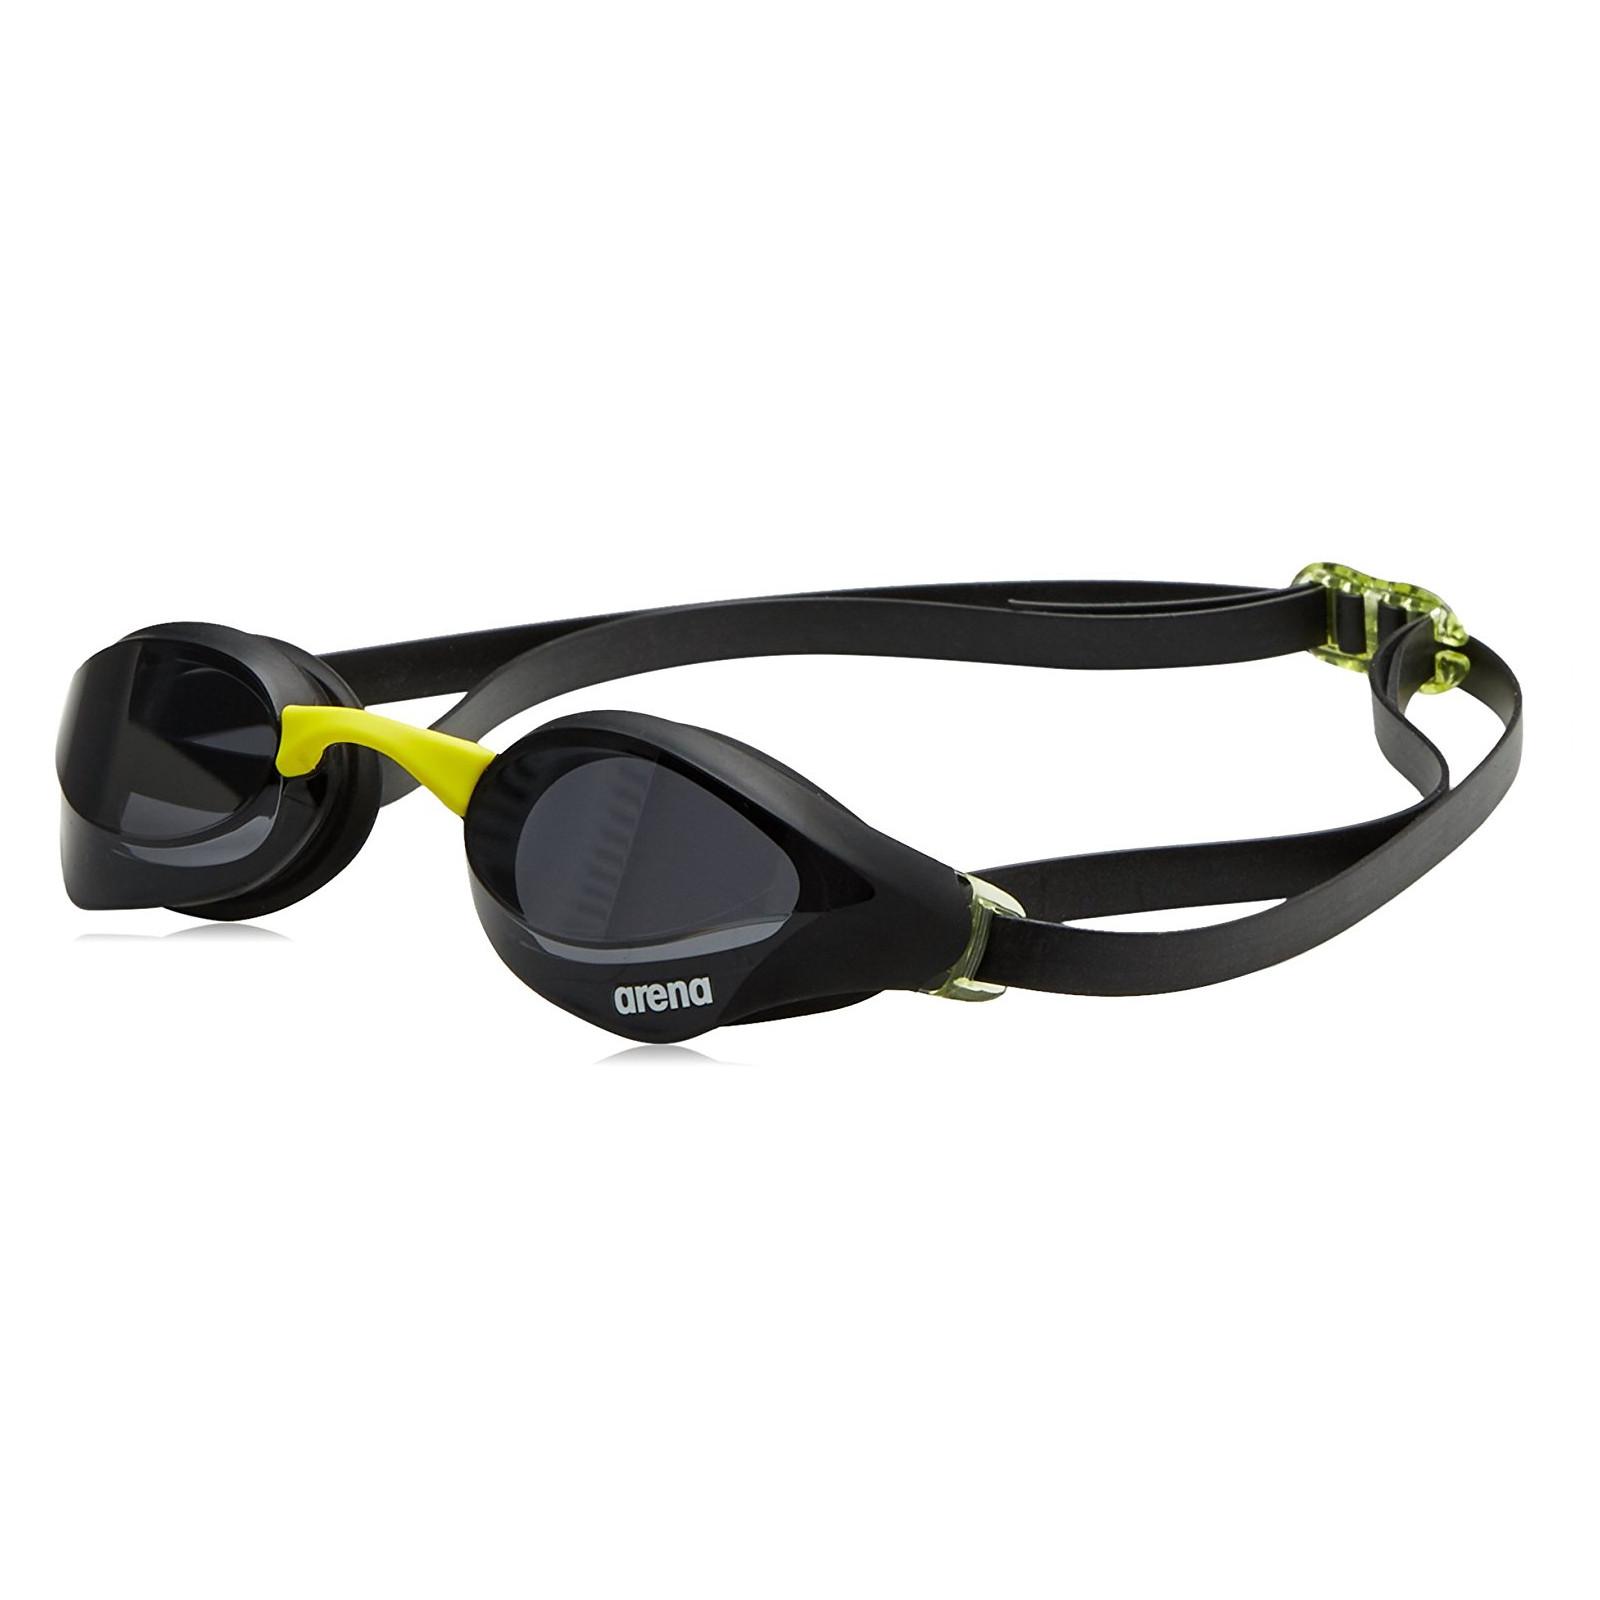 Arena Cobra Core Core Core Swimming Goggles 512a71